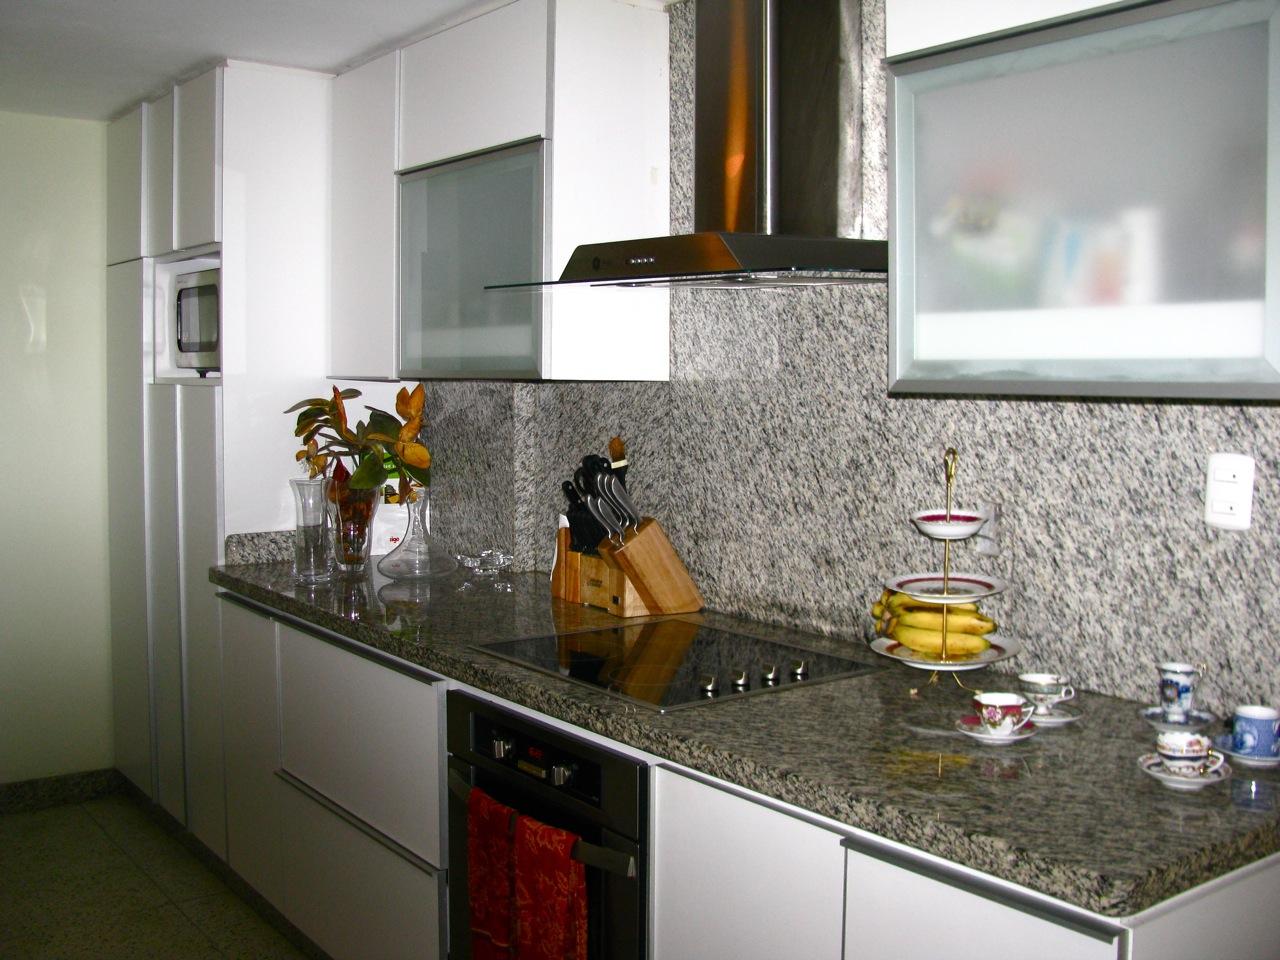 Cocinas de granito imagui - Cocinas con granito ...